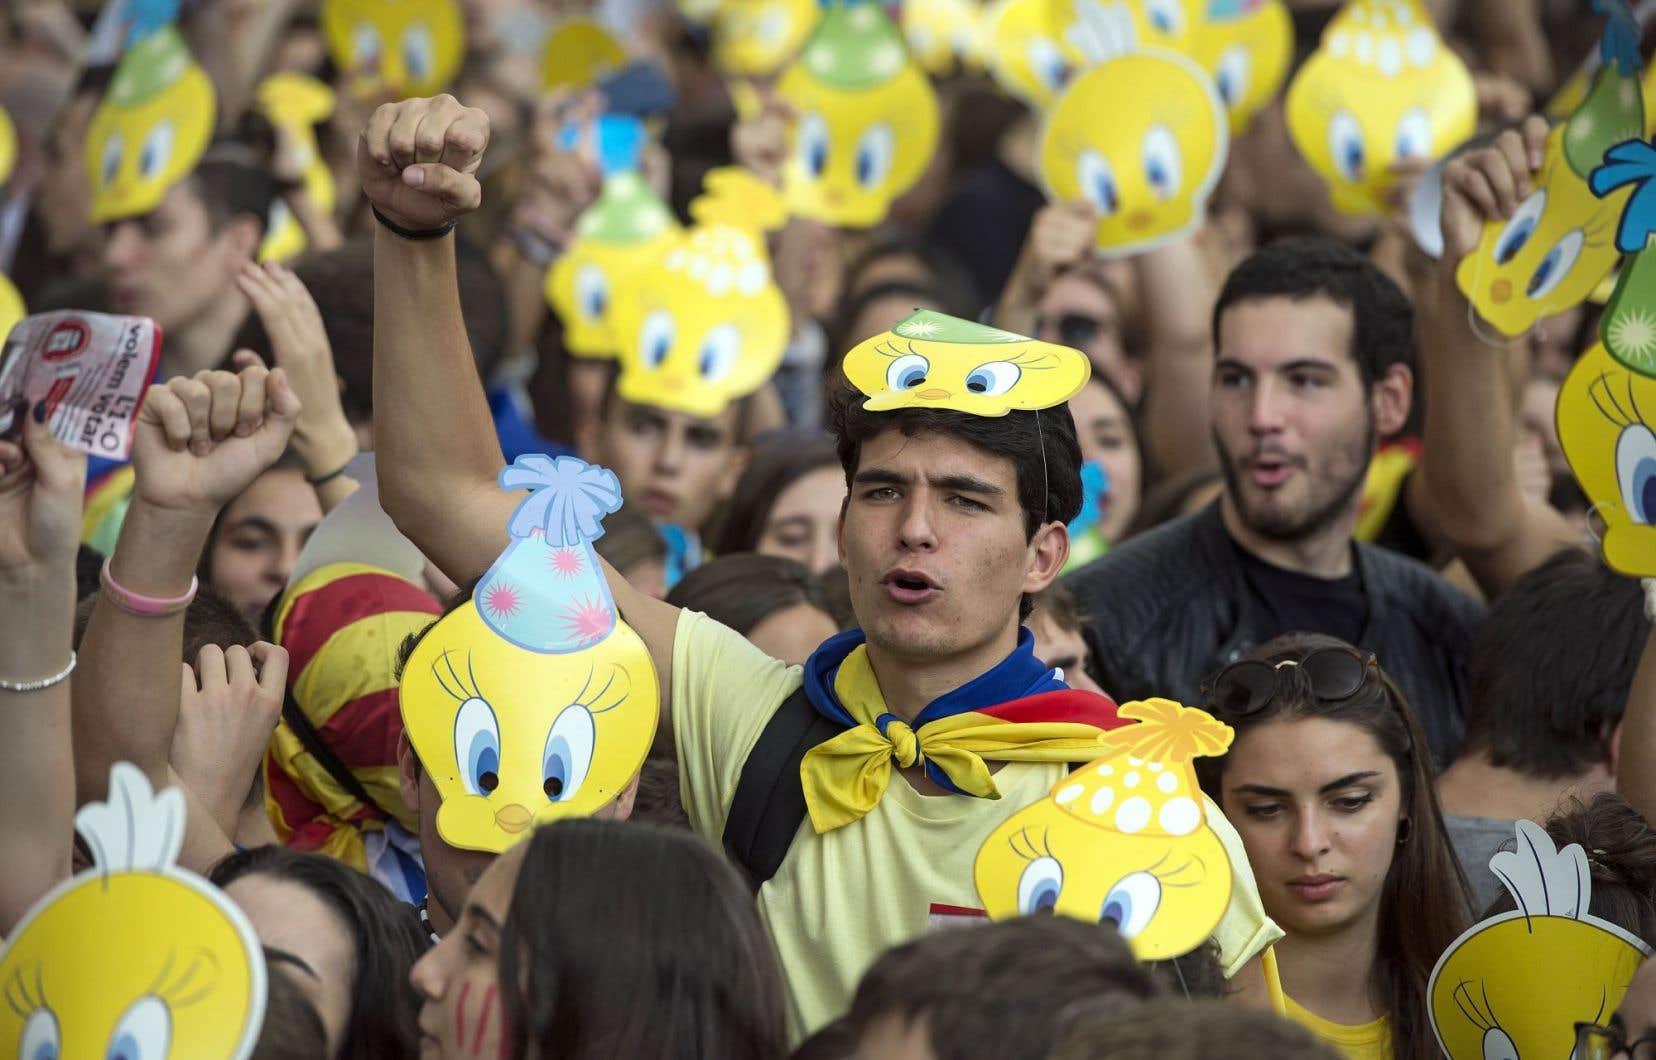 Des manifestants arborant le masque de Tweety, devenu un symbole d'opposition aux policiers, à Barcelone, jeudi